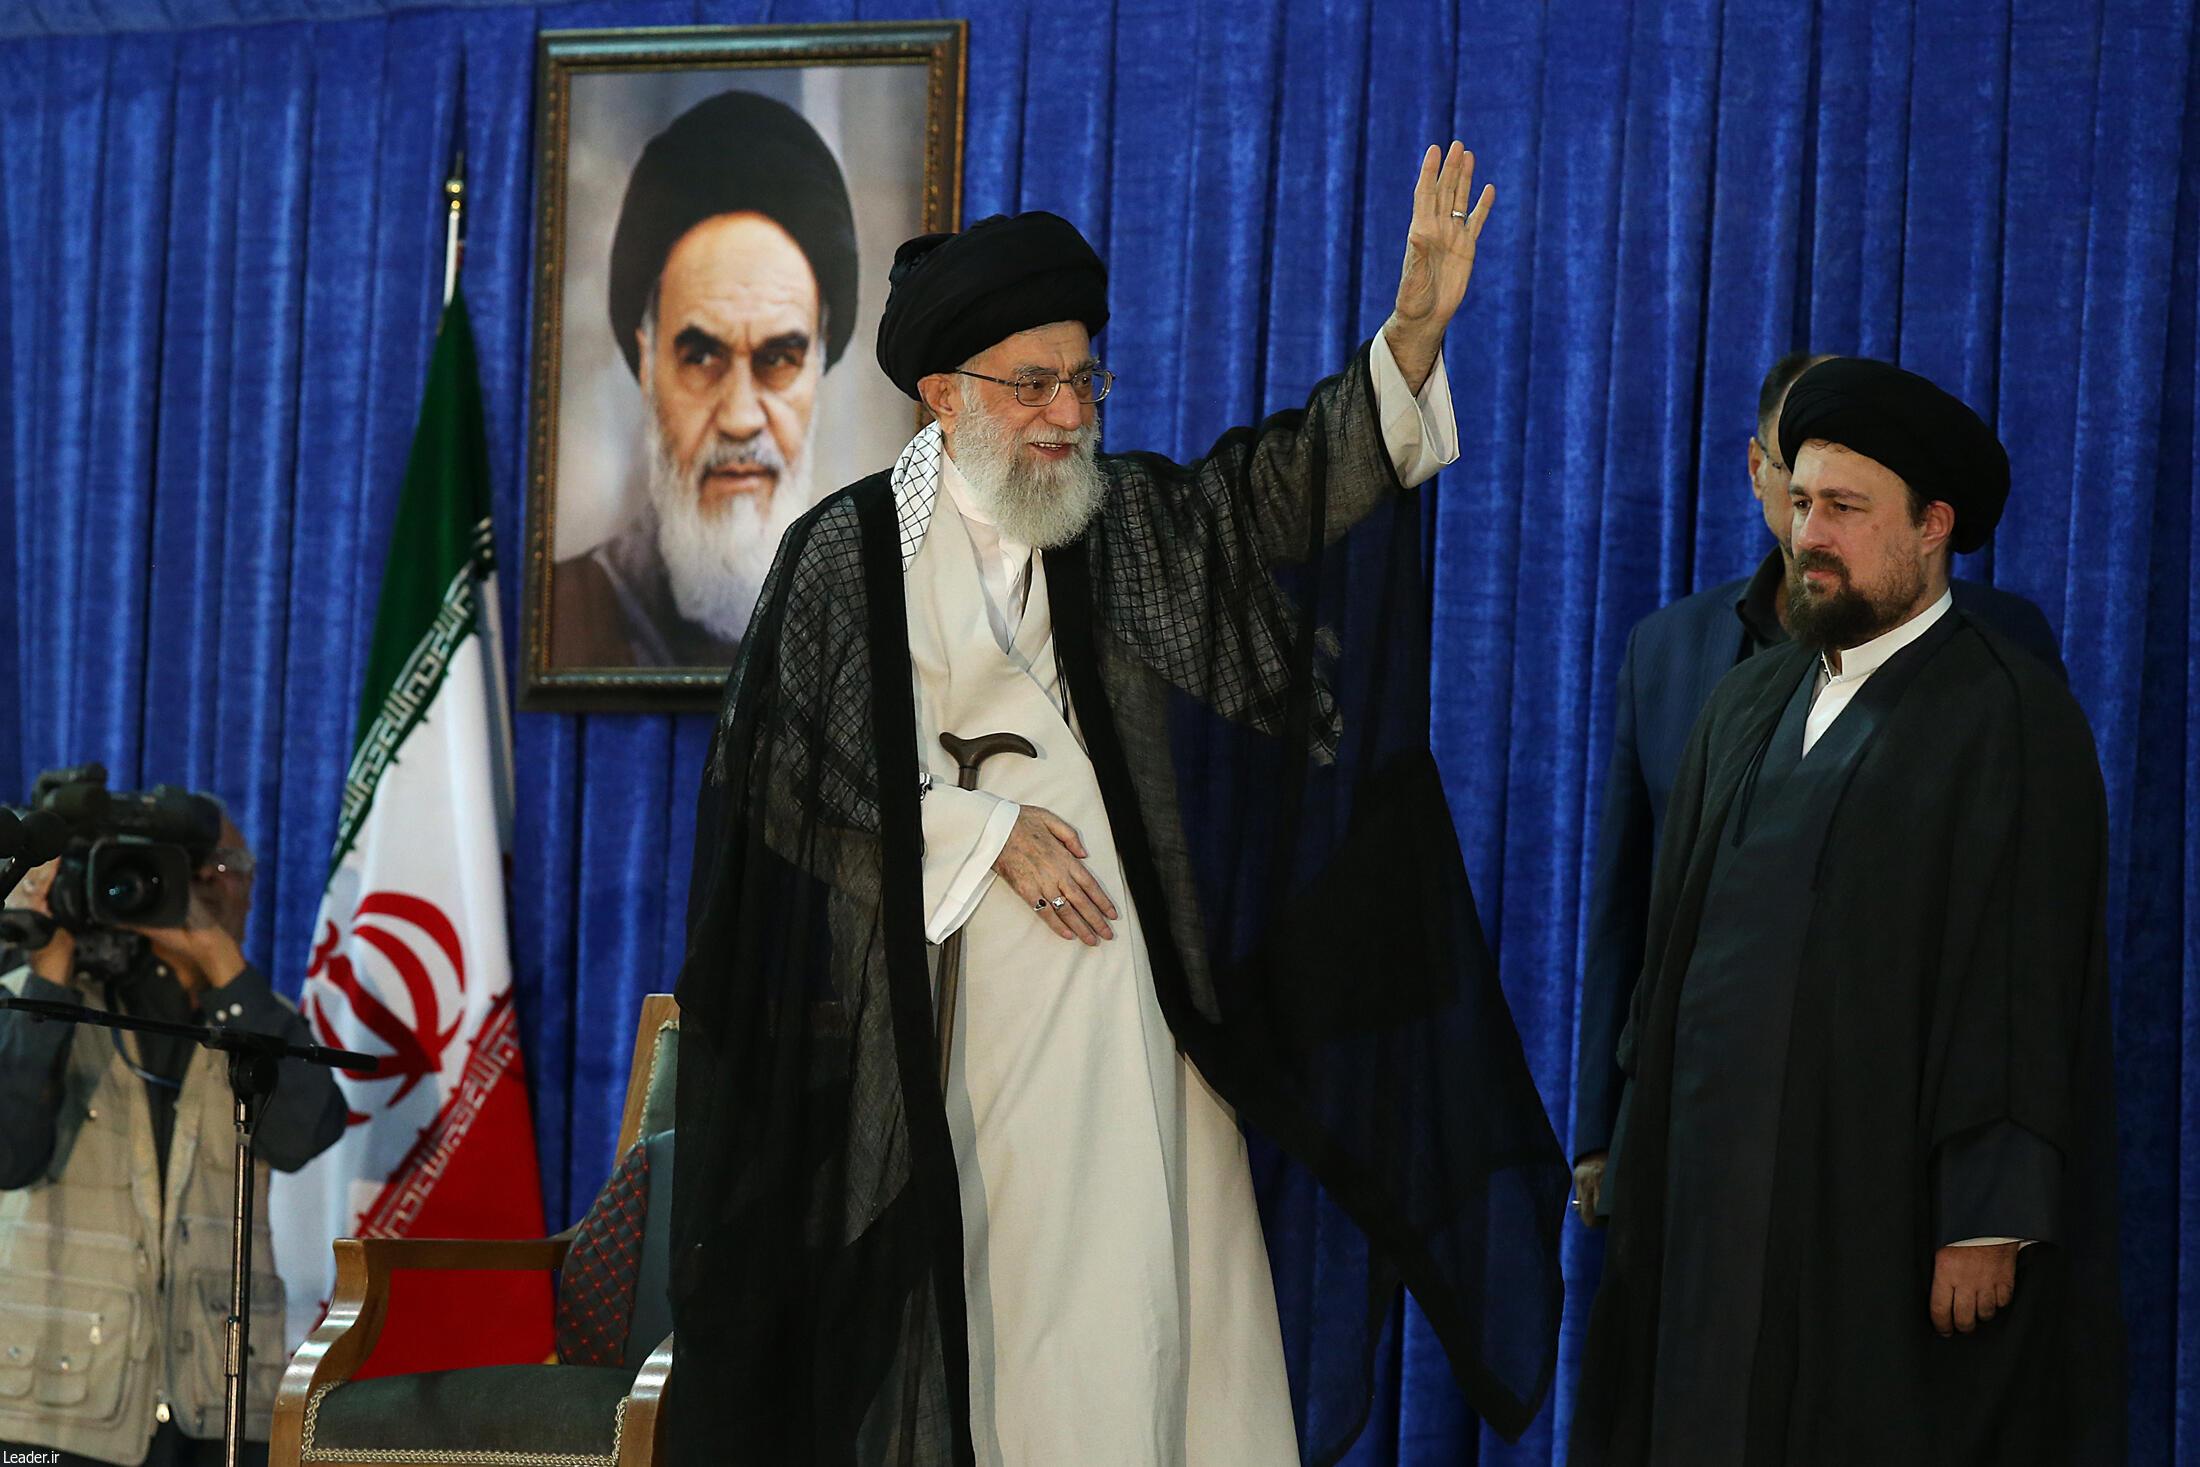 آیت الله خامنه ای در کنار حسن خمینی در مراسم بیستوهشتمین سالگرد مرگ آیت الله خمینی، تهران، یکشنبه چهاردهم خرداد